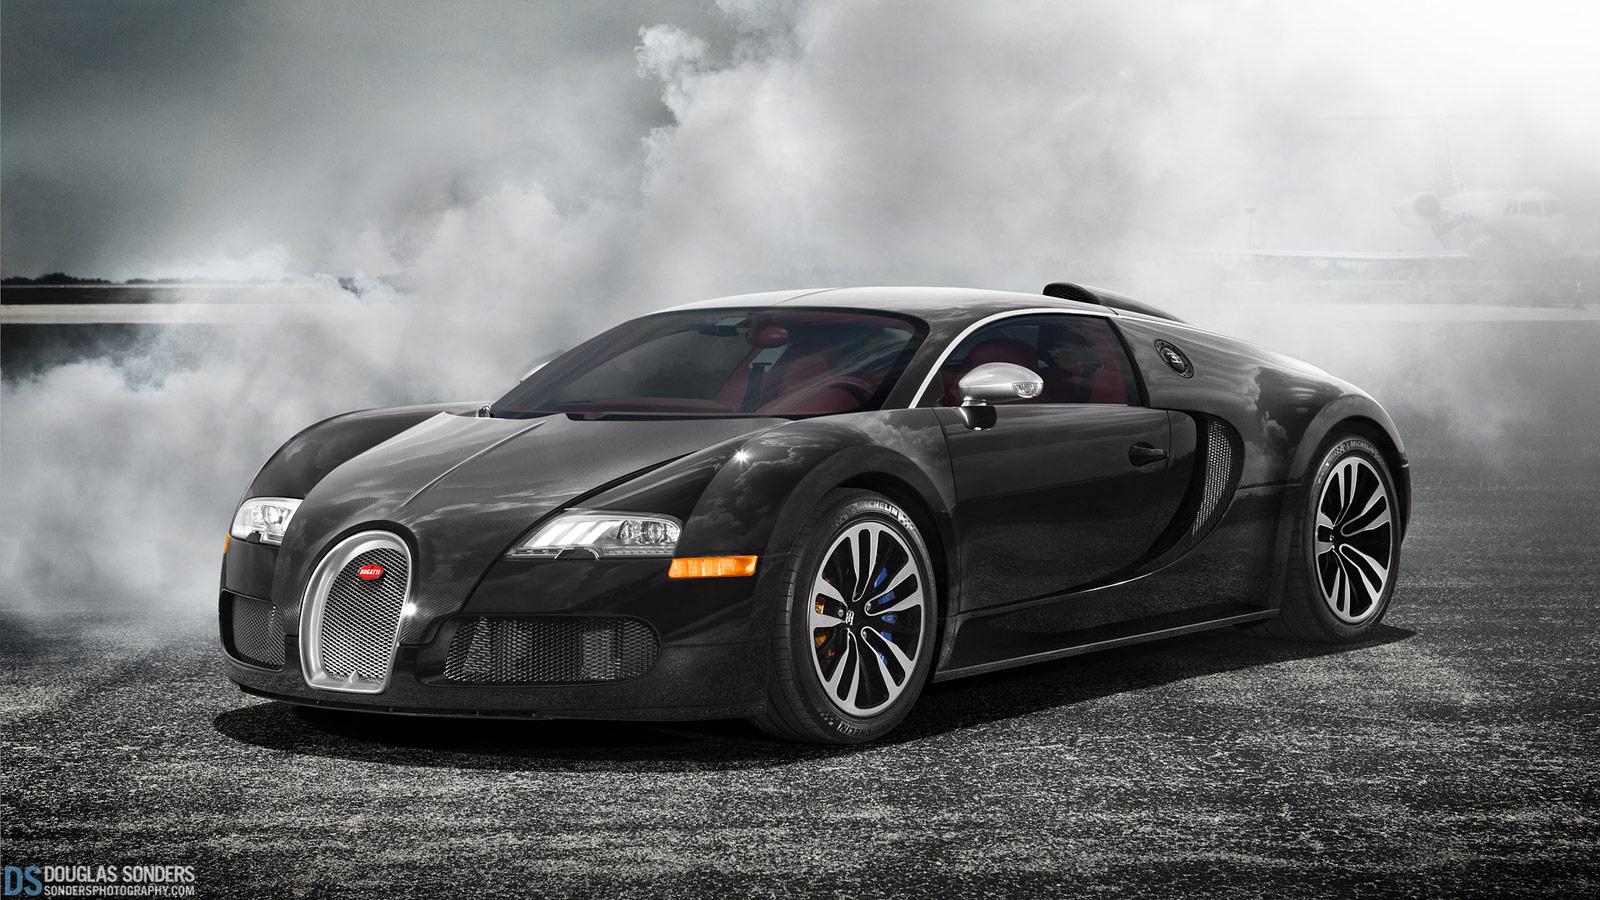 Ridiculously Cool Bugatti Veyron Sang Noir Wallpaper 1600x900px